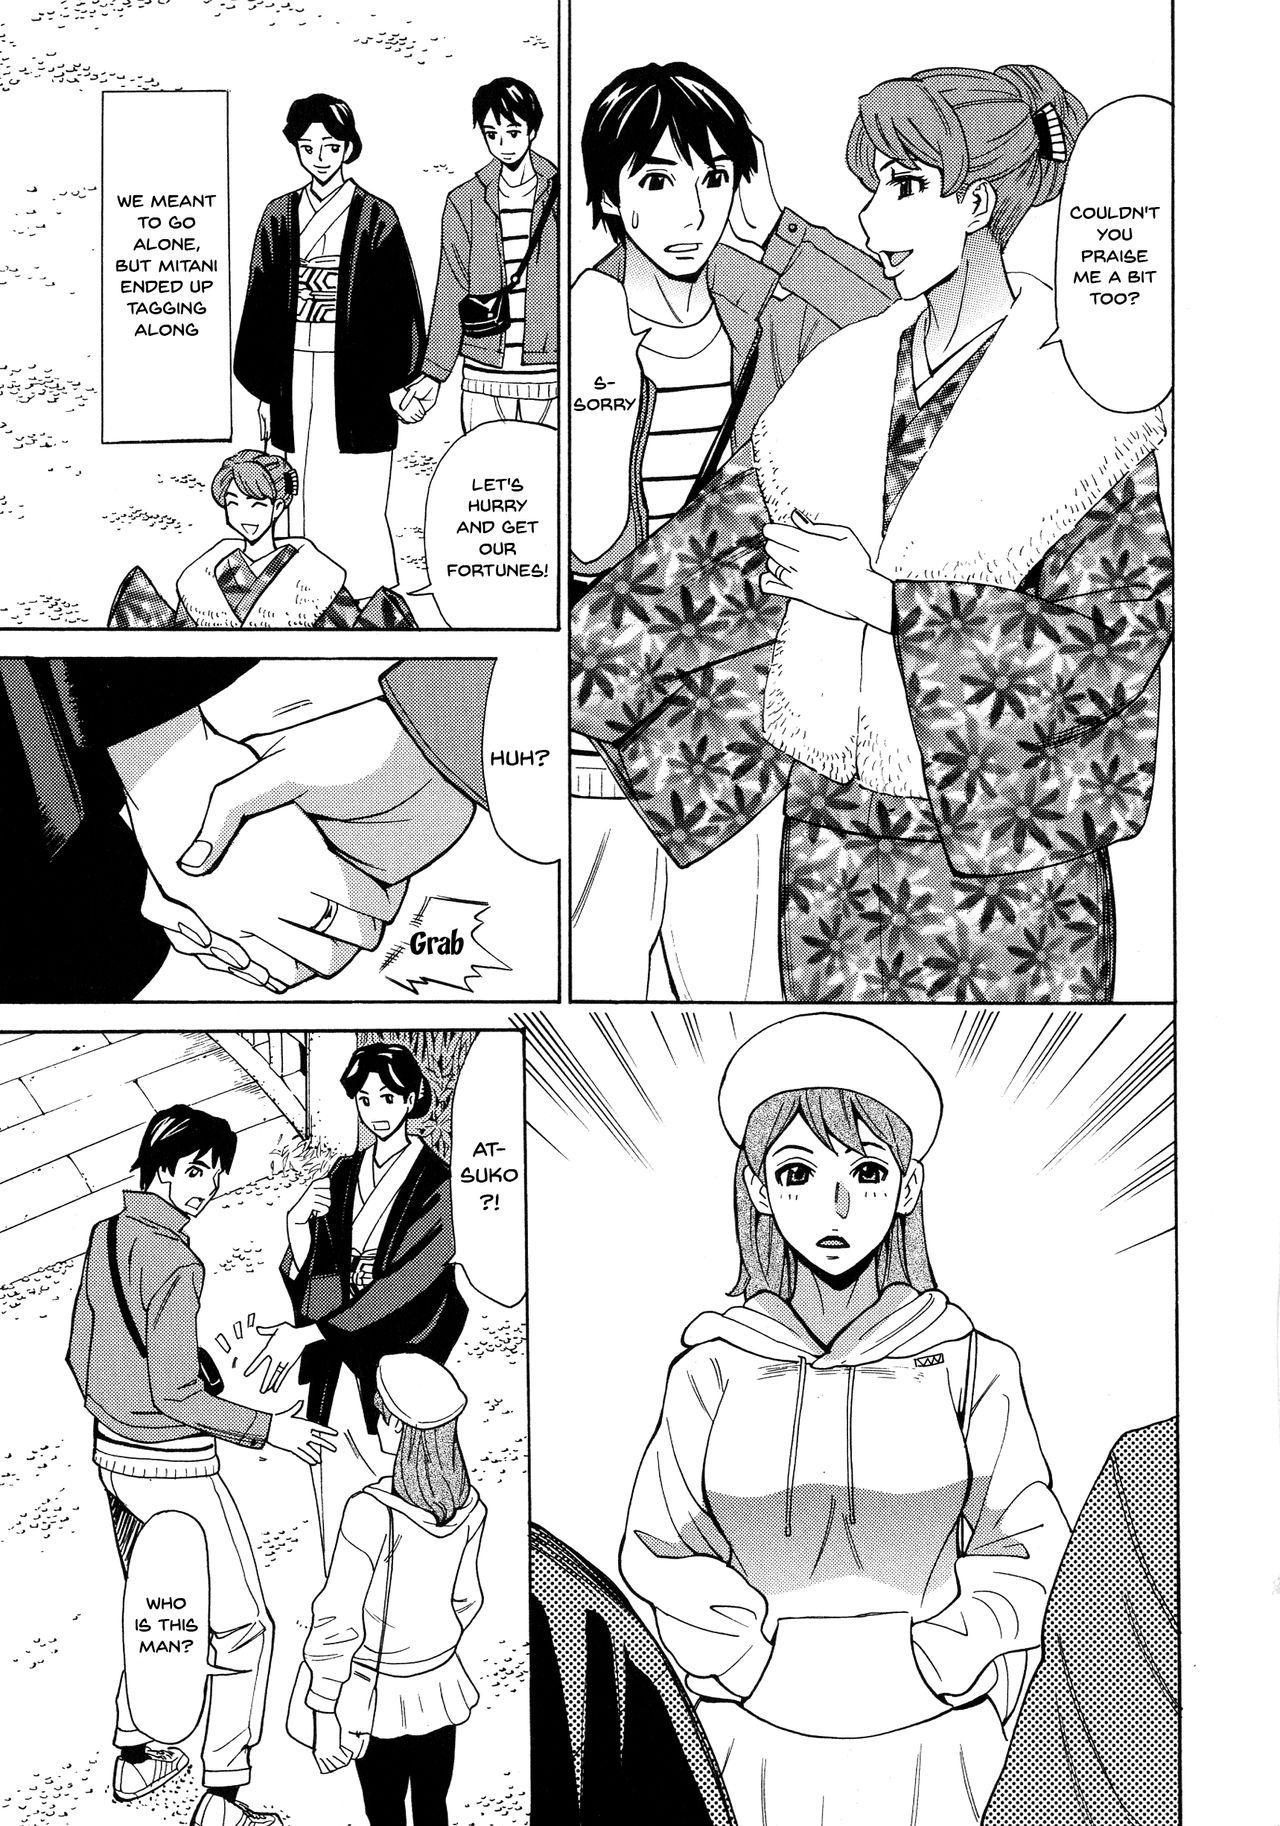 [Makibe Kataru] Hitozuma Koi Hanabi ~Hajimete no Furin ga 3P ni Itaru made~ Ch.1-9 [English] {Doujins.com} 60